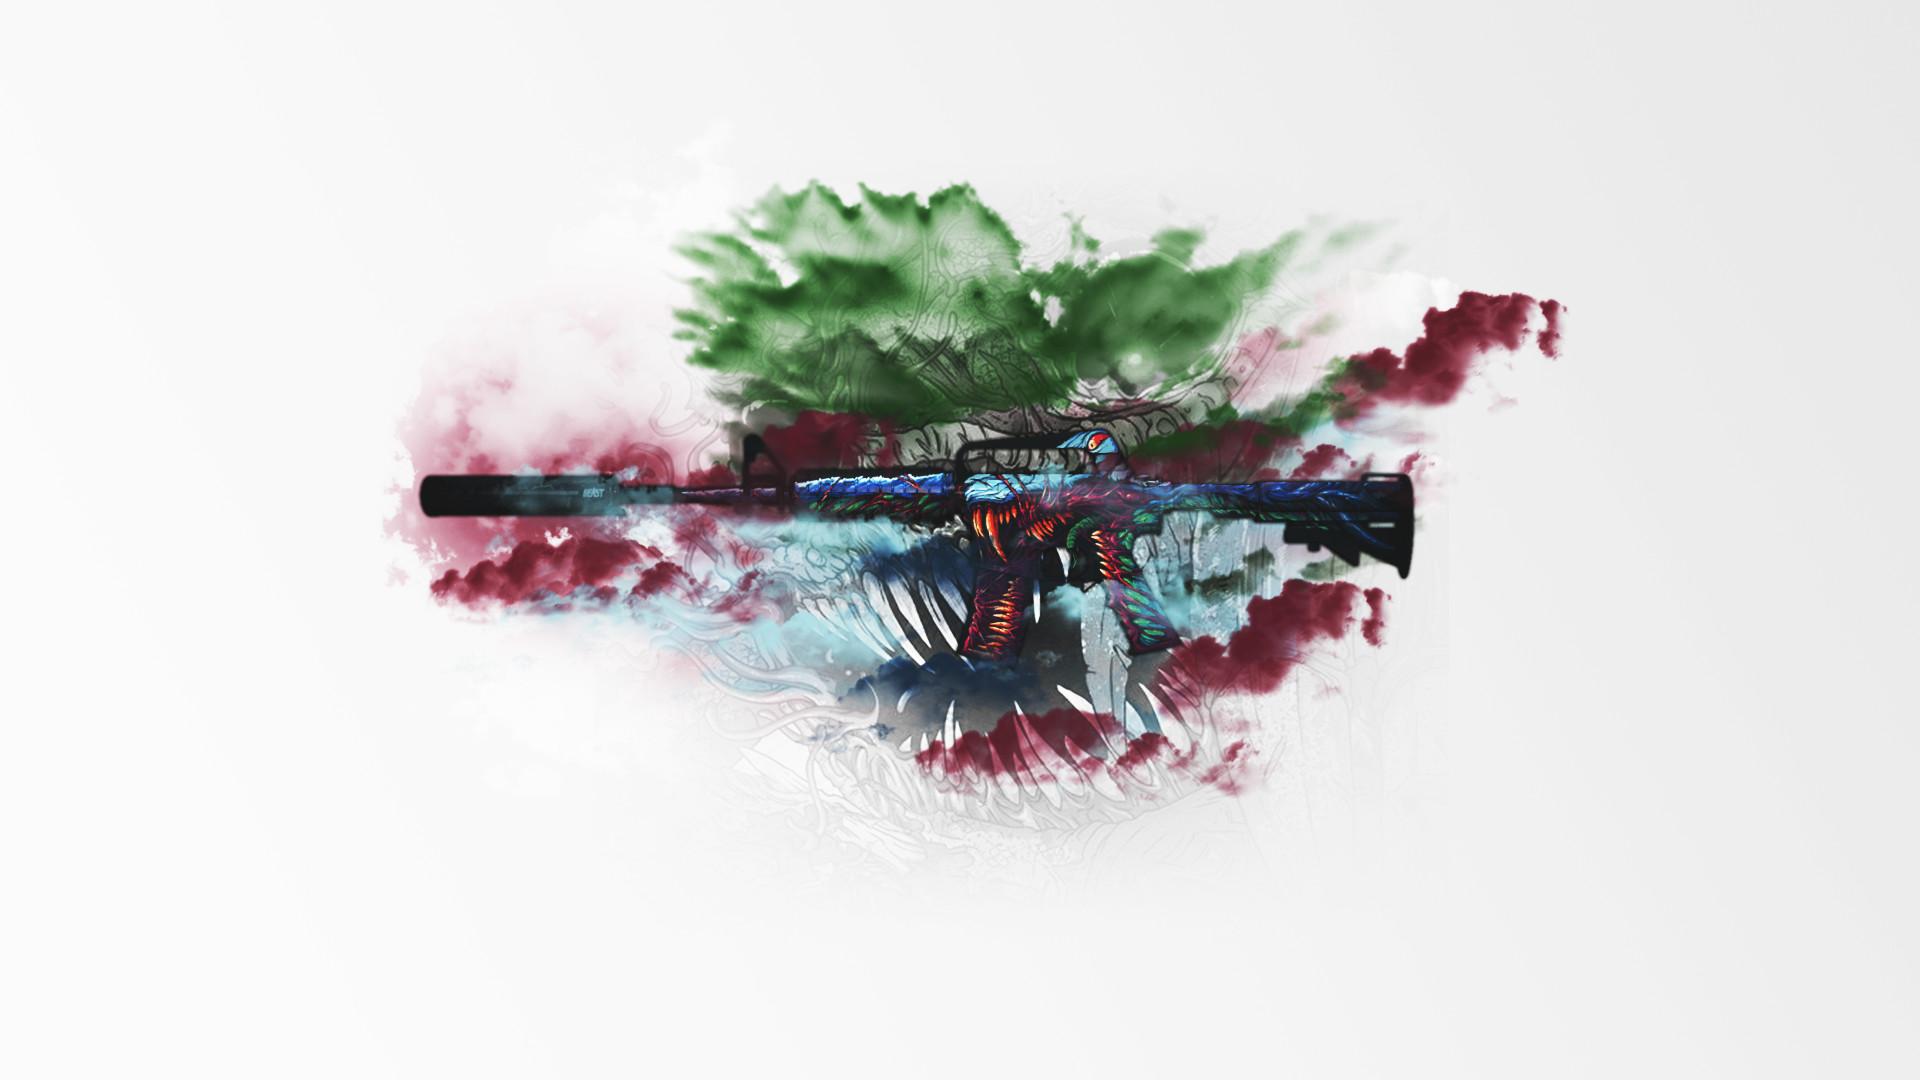 M4A1-S | Hyper Beast | Wallpaper HD | Skin CS:GO | | CS:GO SKIN Wallpaper  HD | Pinterest | Hyper beast